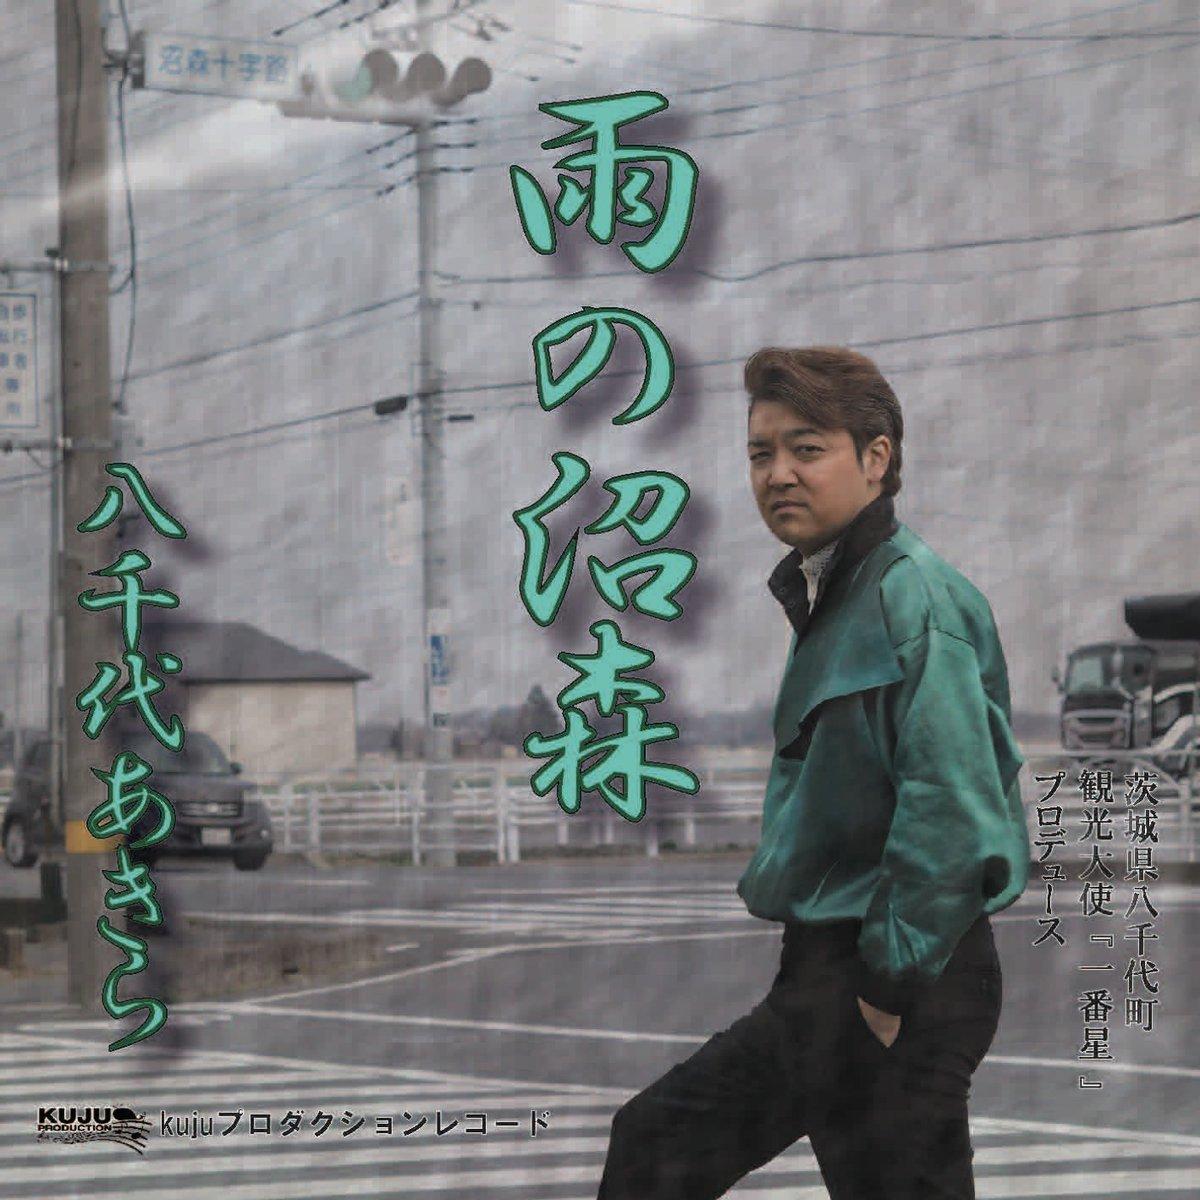 雪も止みましたね「雨の沼森(ぬまのもり)」◎ダウンロード&視聴◎Spotify◎ iTunes◎YouTubeよろしくお願い致します!#茨城県 #八千代町 #八千代あきら